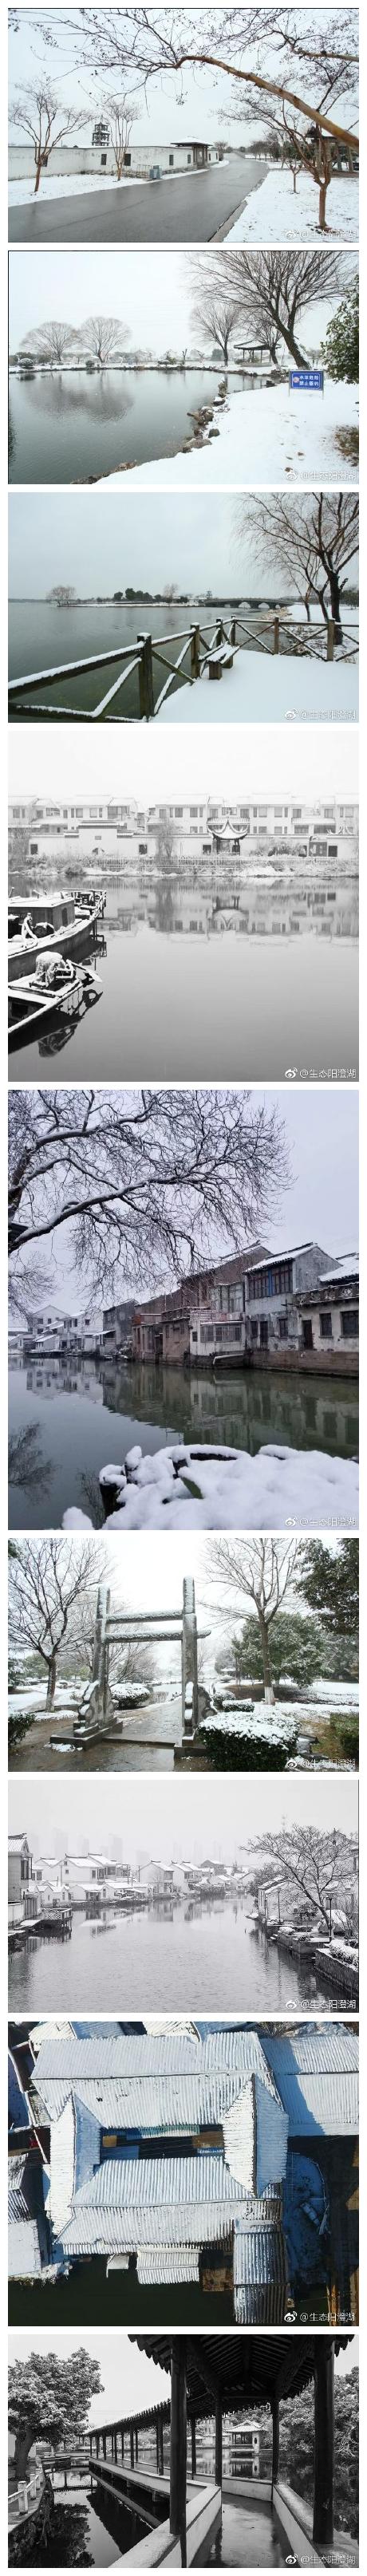 回忆一波阳澄湖镇雪景图 